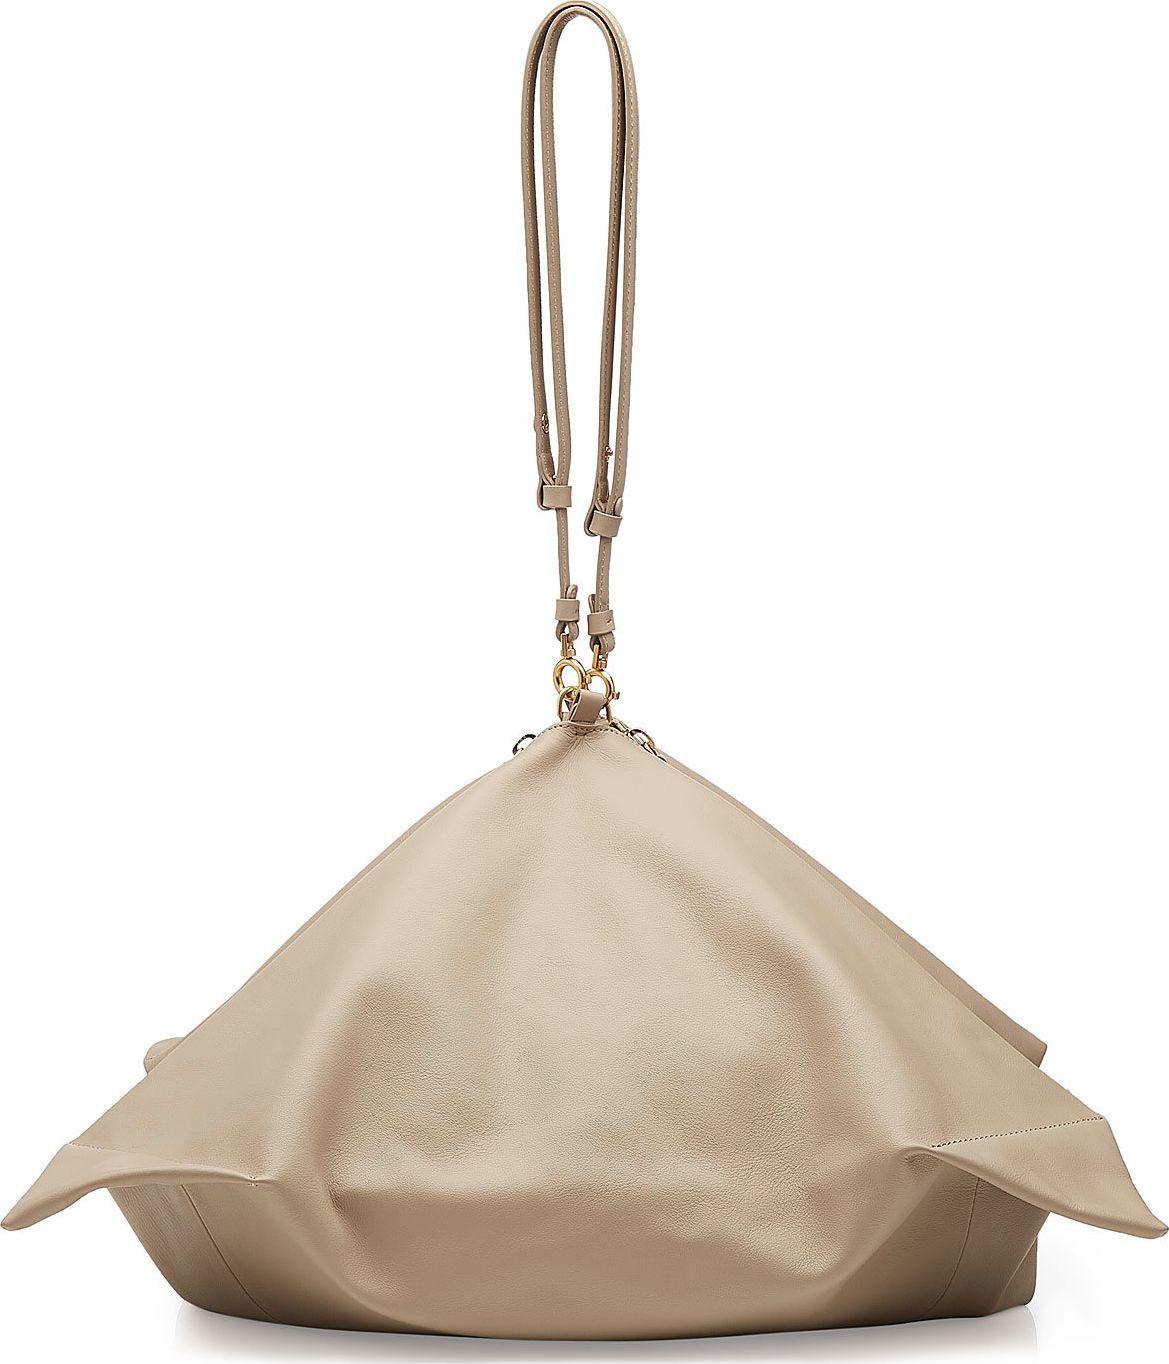 Maison Margiela - Leather Shoulder Bag